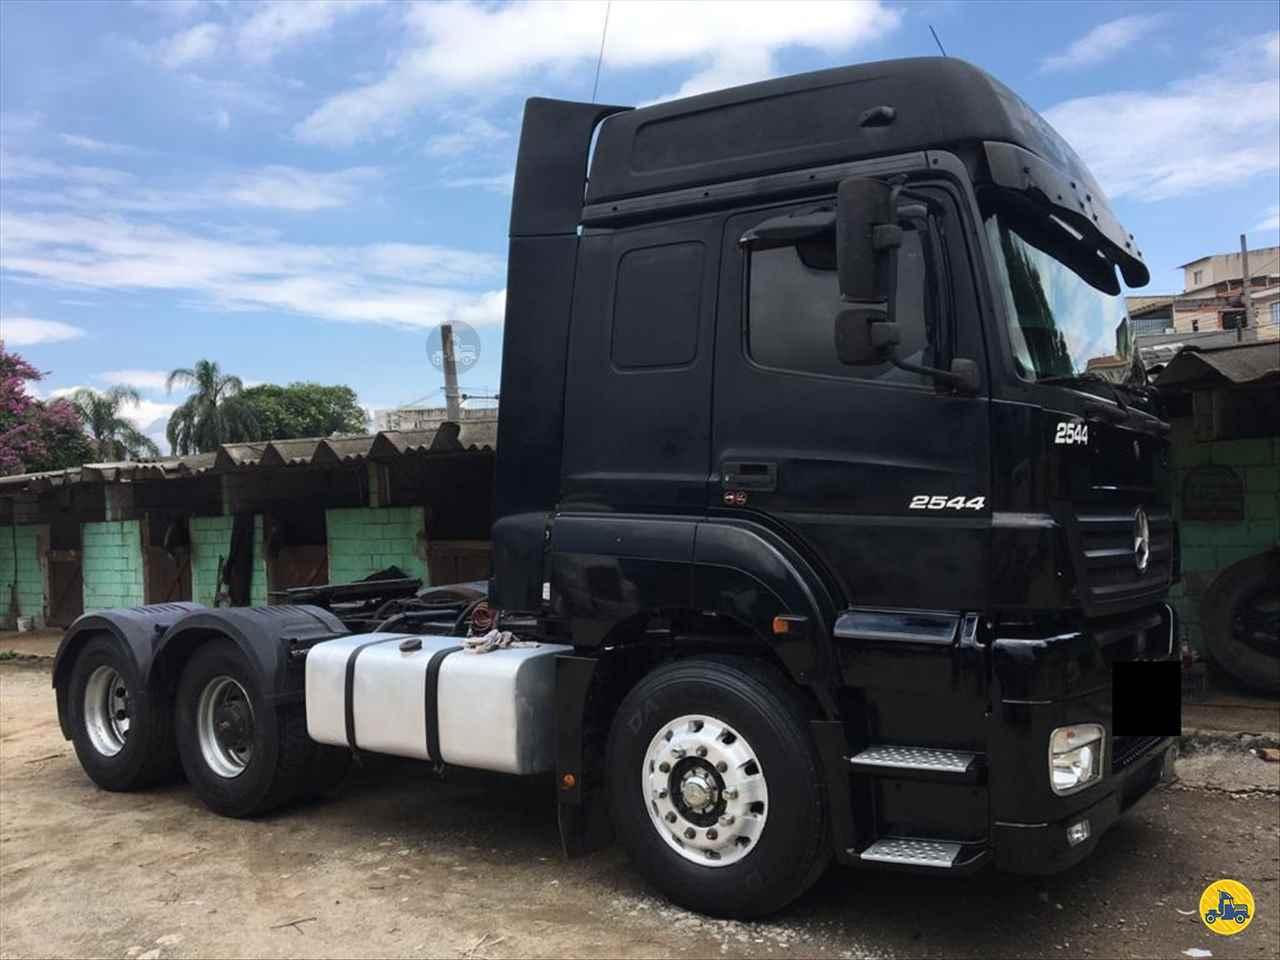 CAMINHAO MERCEDES-BENZ MB 2544 Cavalo Mecânico Truck 6x2 Wilson Caminhões RIBEIRAO PIRES SÃO PAULO SP